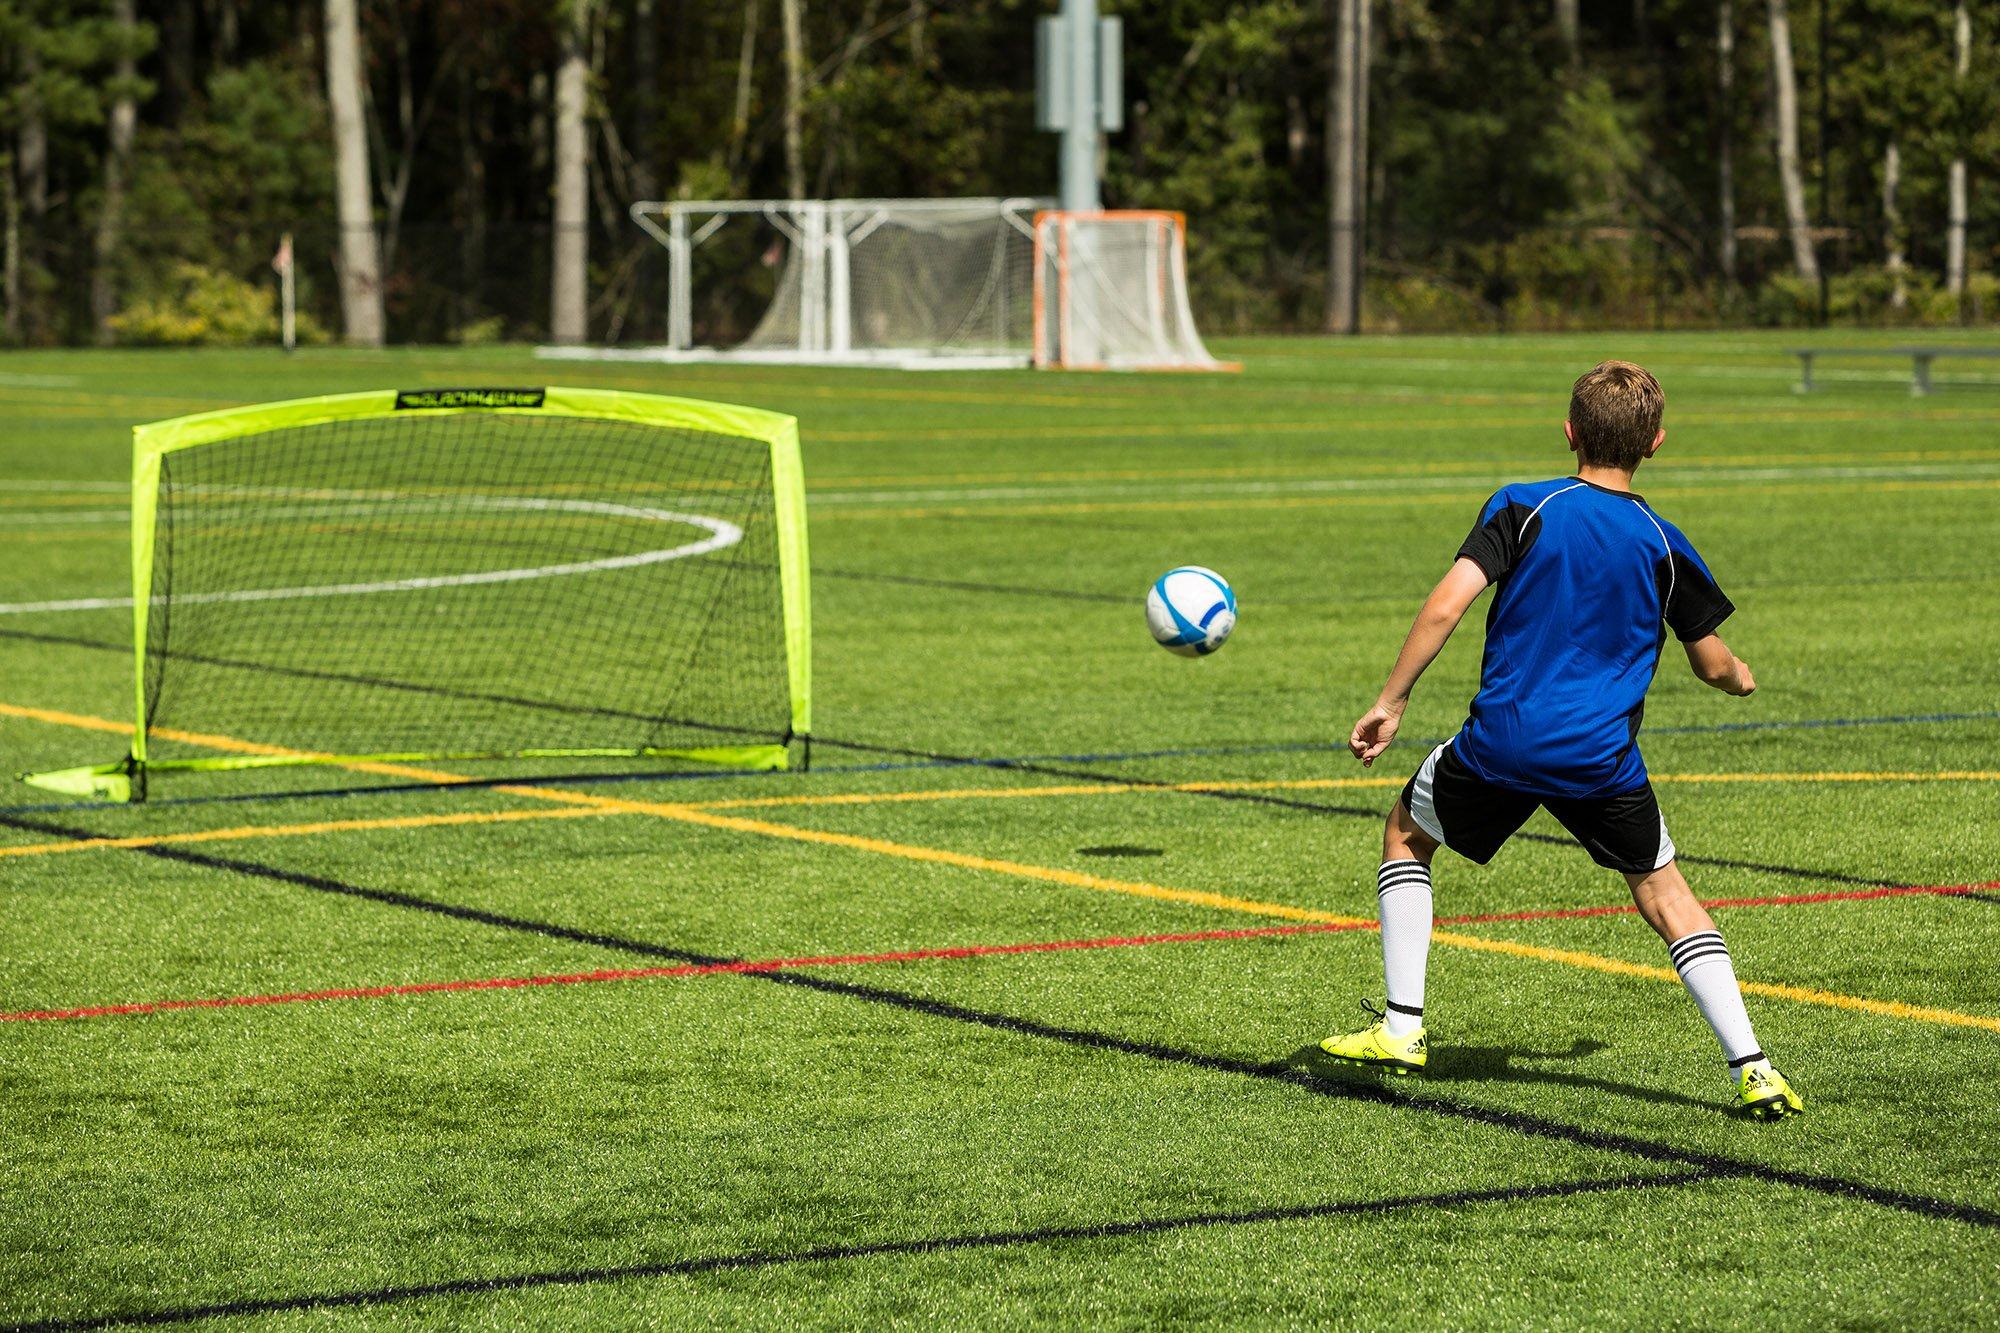 Cum outdoor soccer goal 6